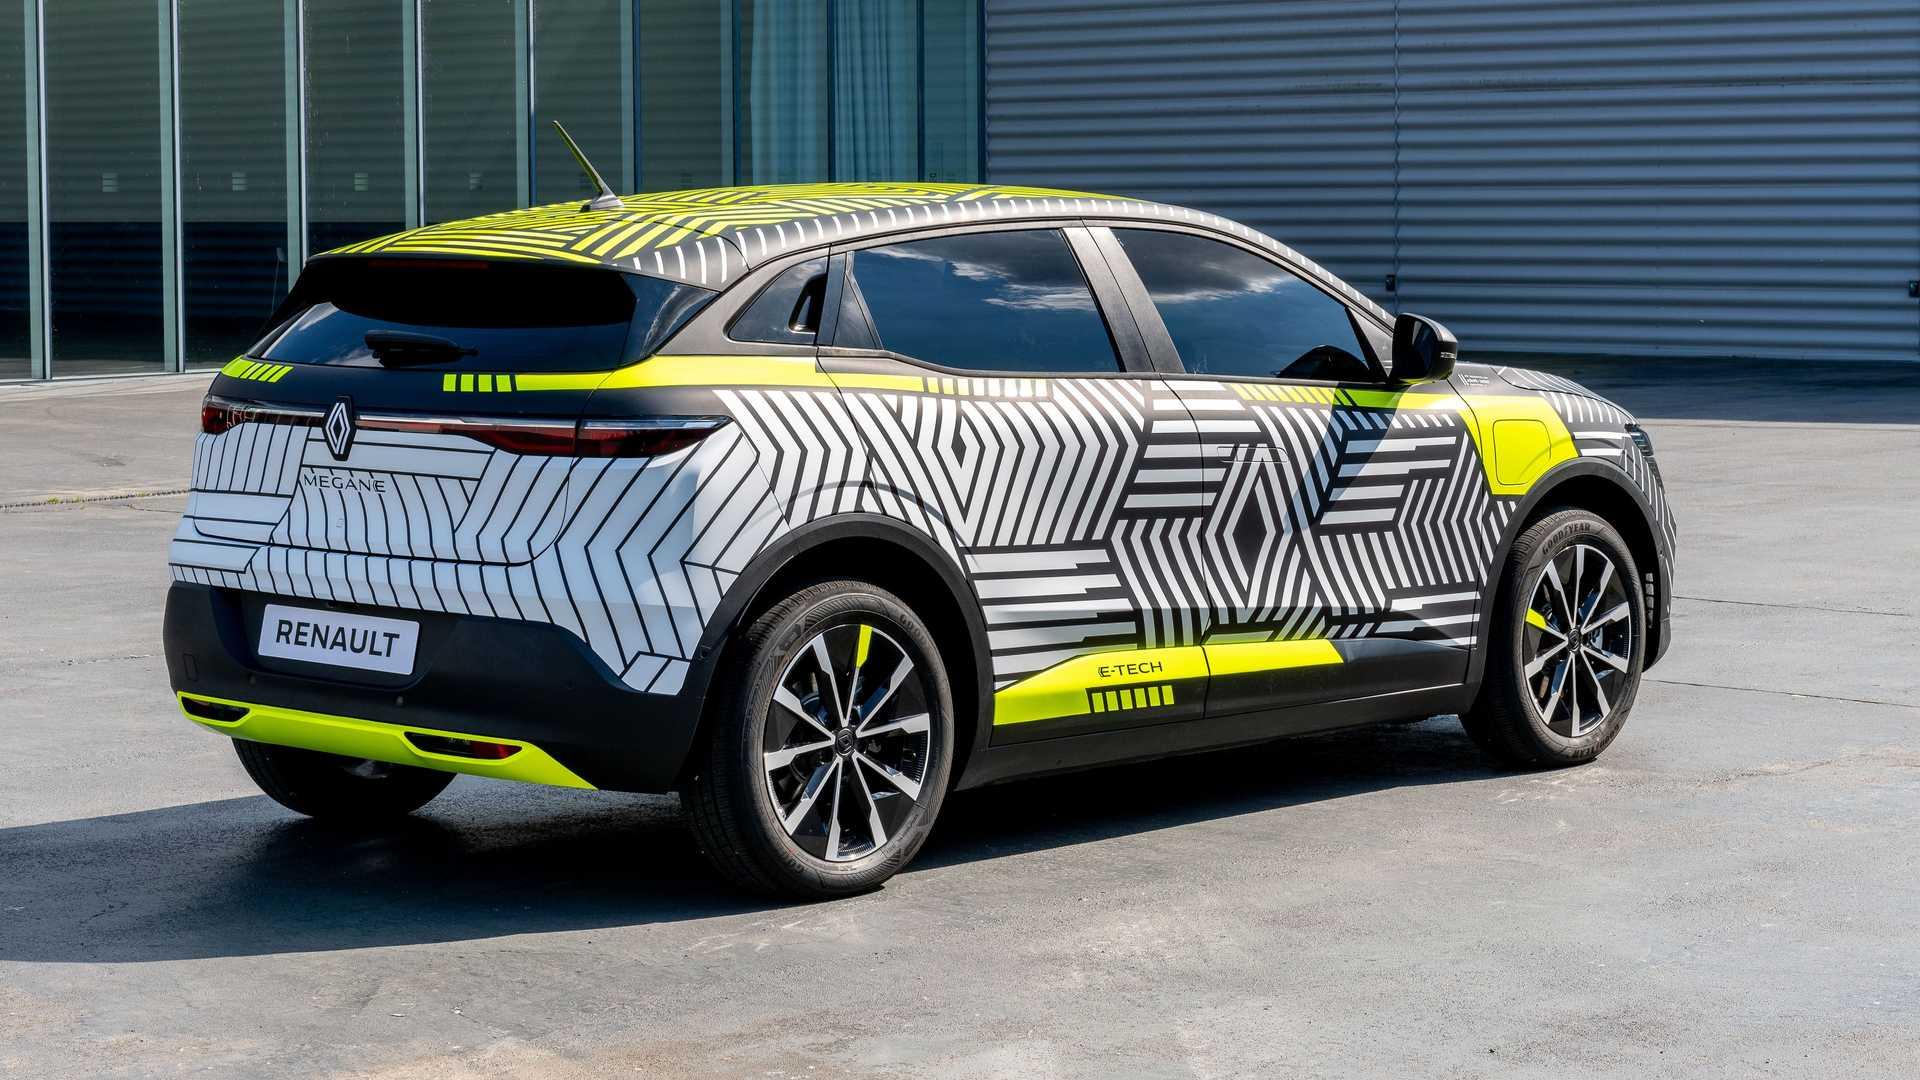 Електричний Renault Megane отримає запас ходу в 450 км